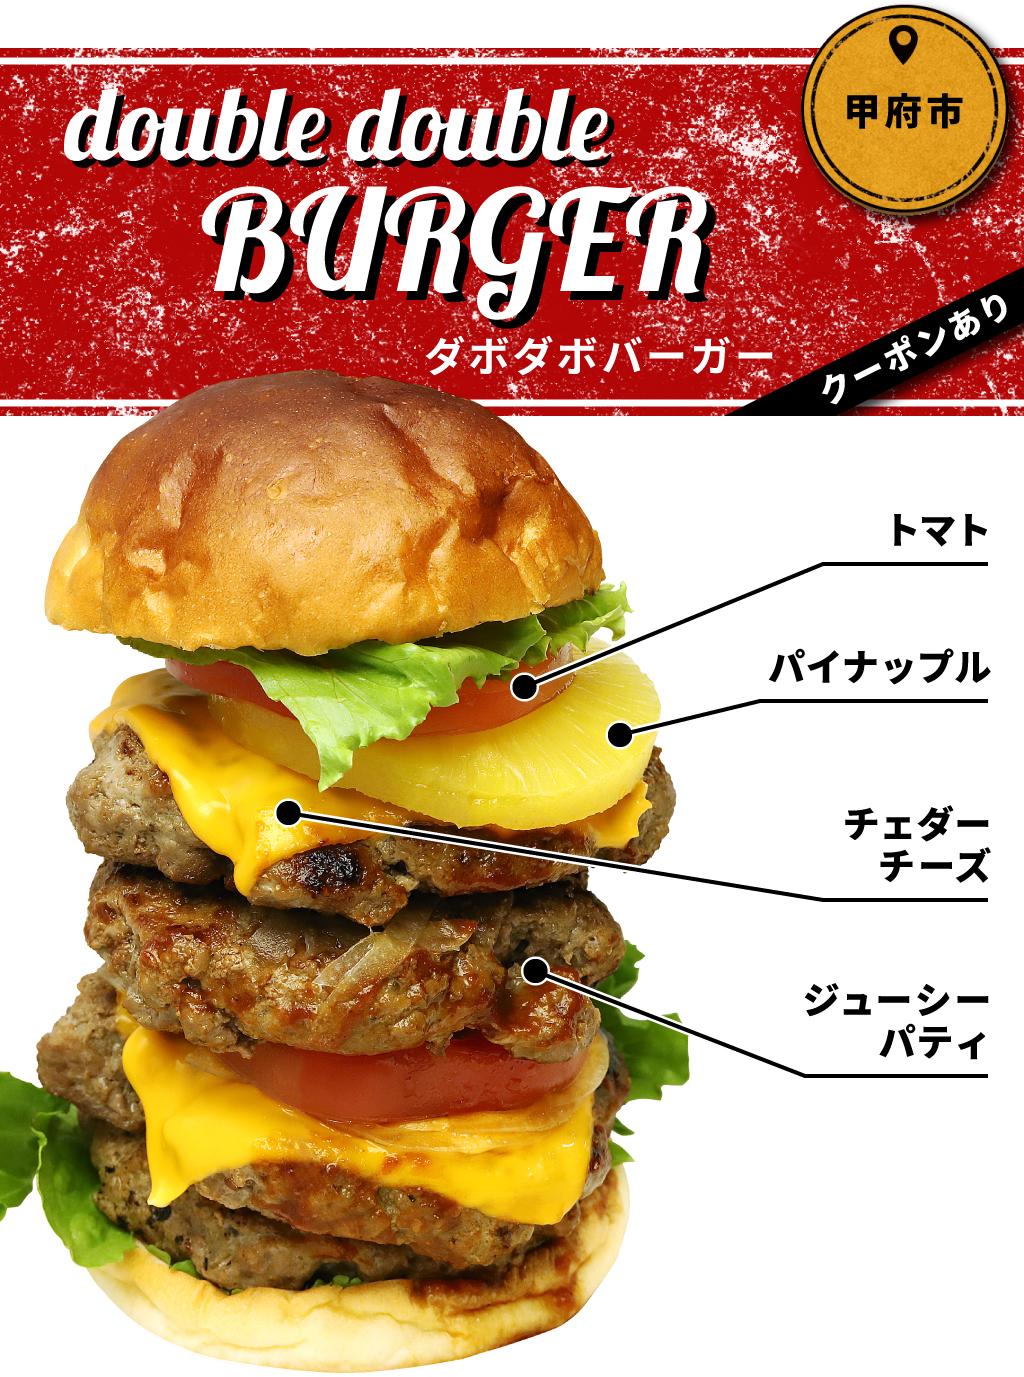 double double BURGER(ダボダボバーガー)-昭和町